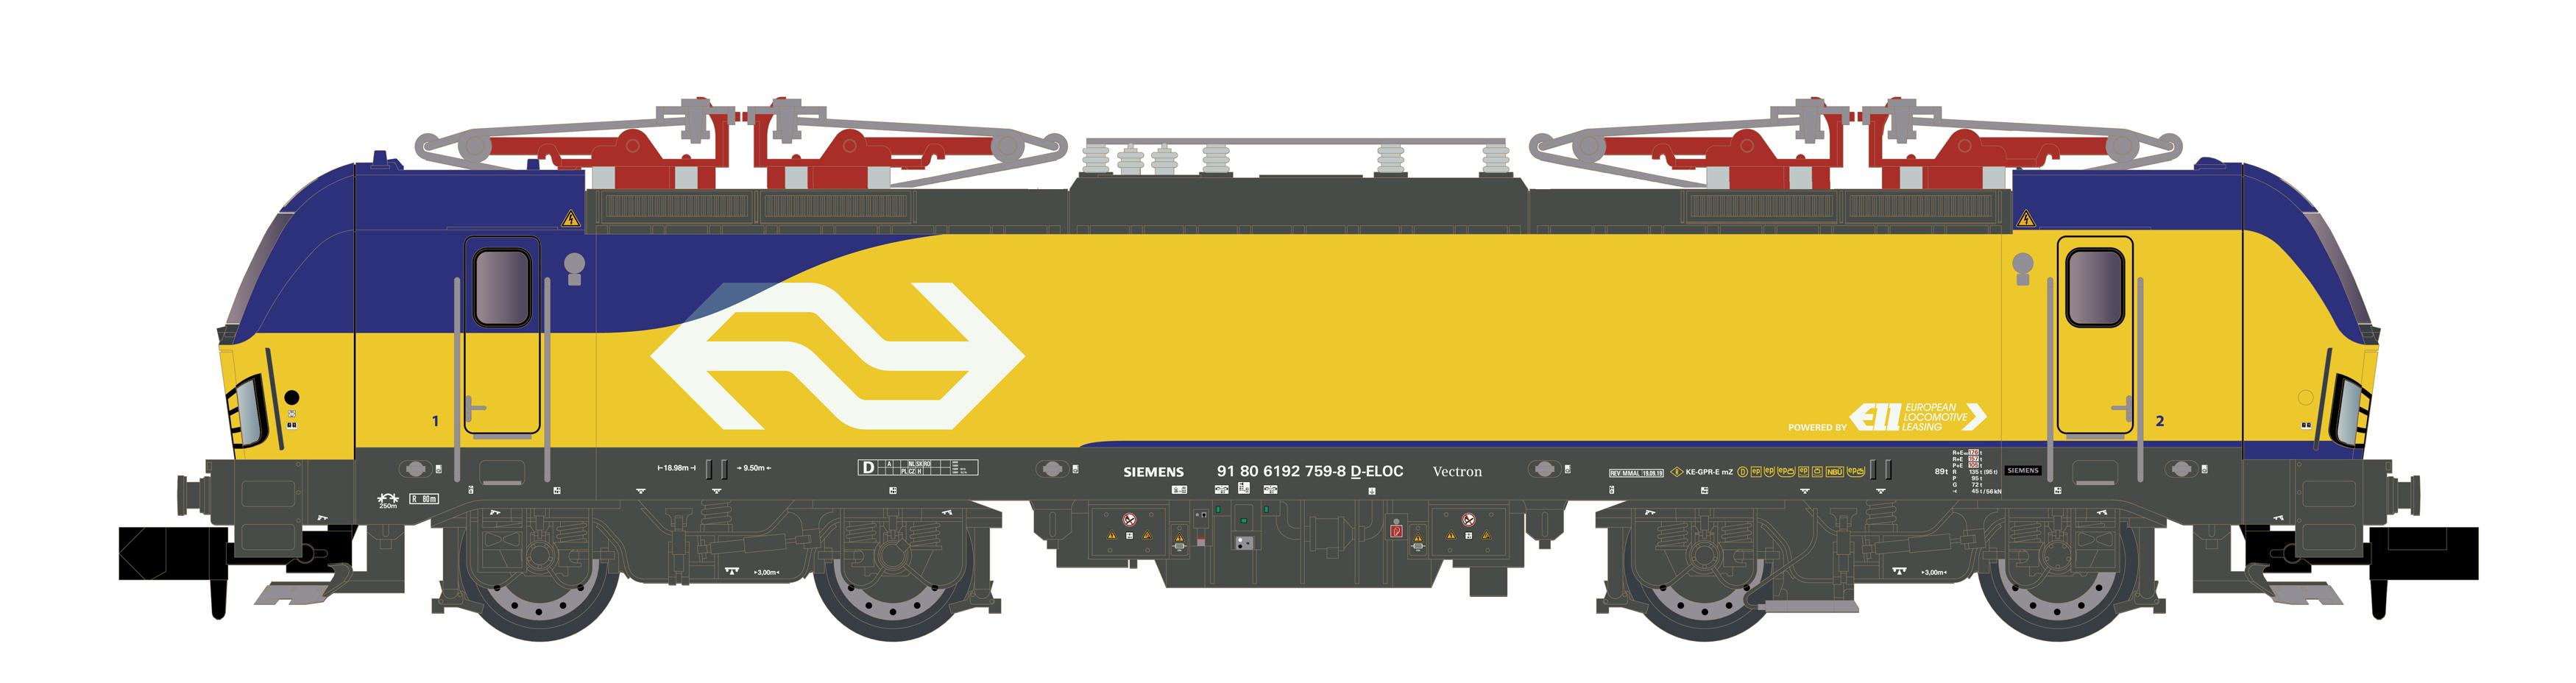 H30159S